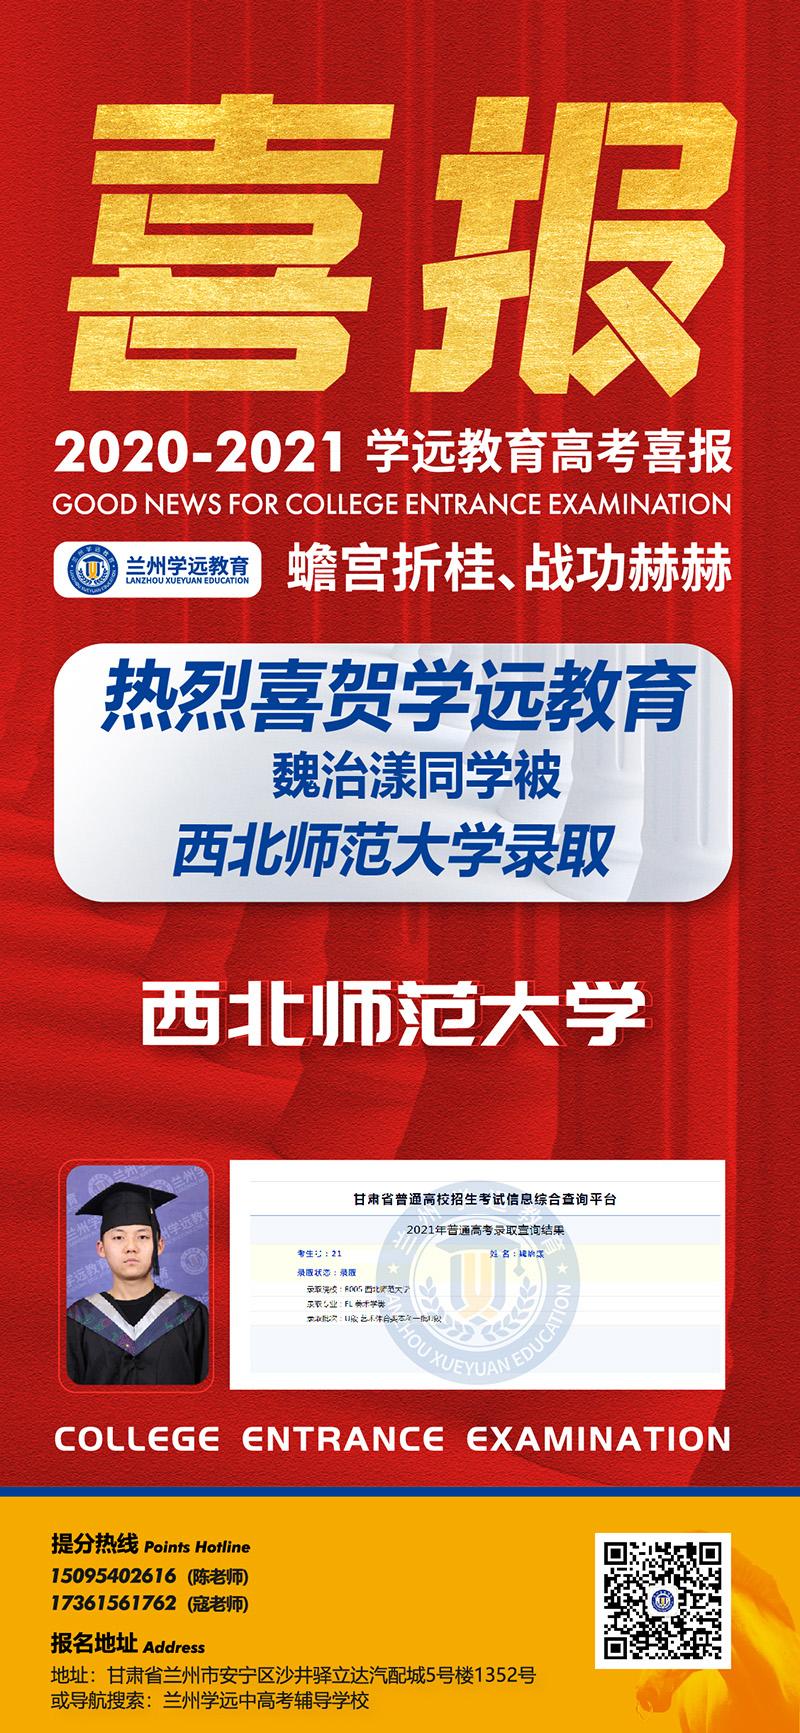 魏治漾同学被西北师范大学录取